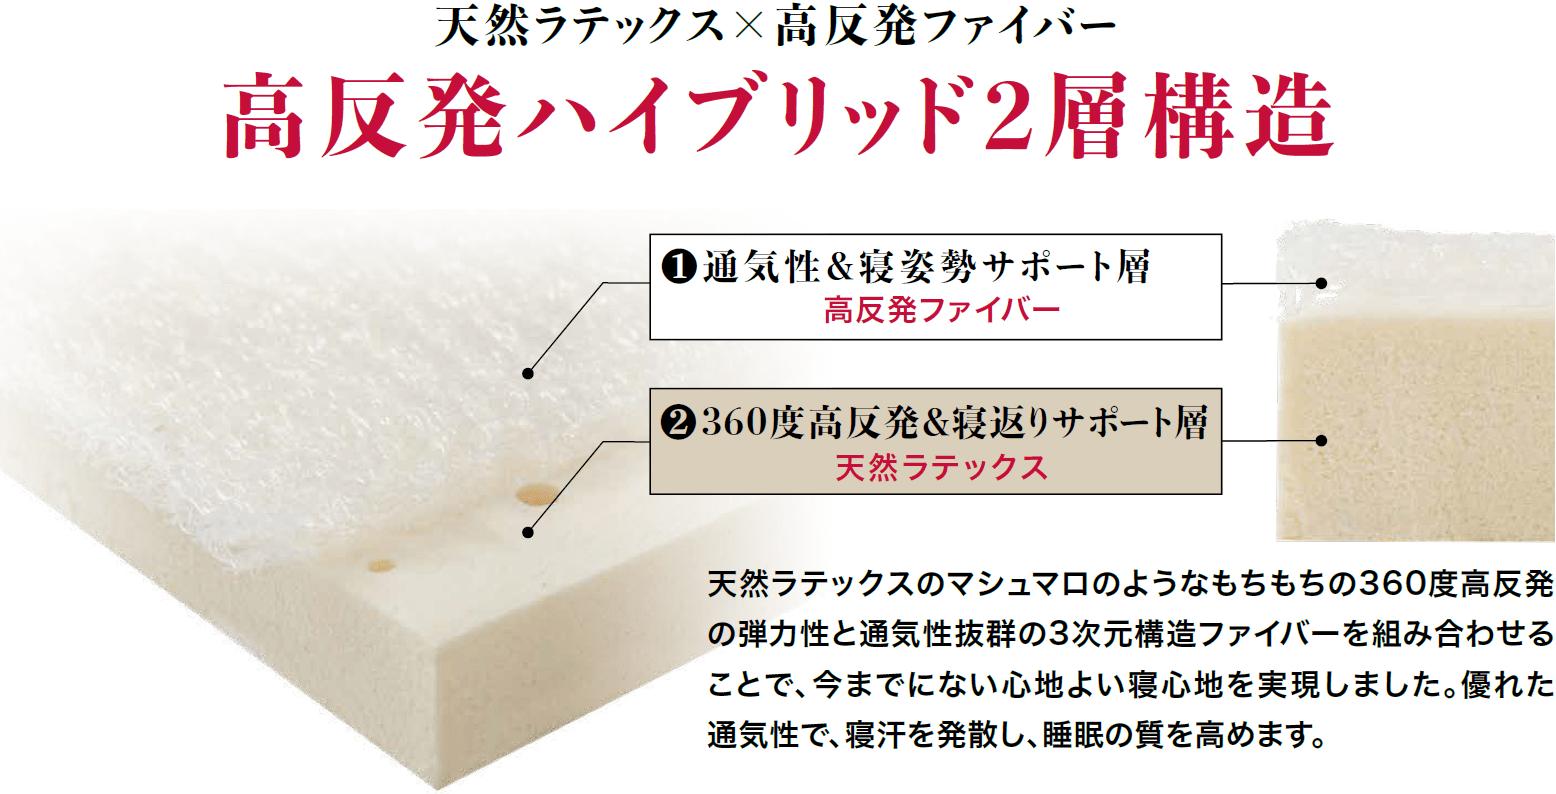 天然ラテックス×高反発ファイバー 高反発ハイブリッド2層構造